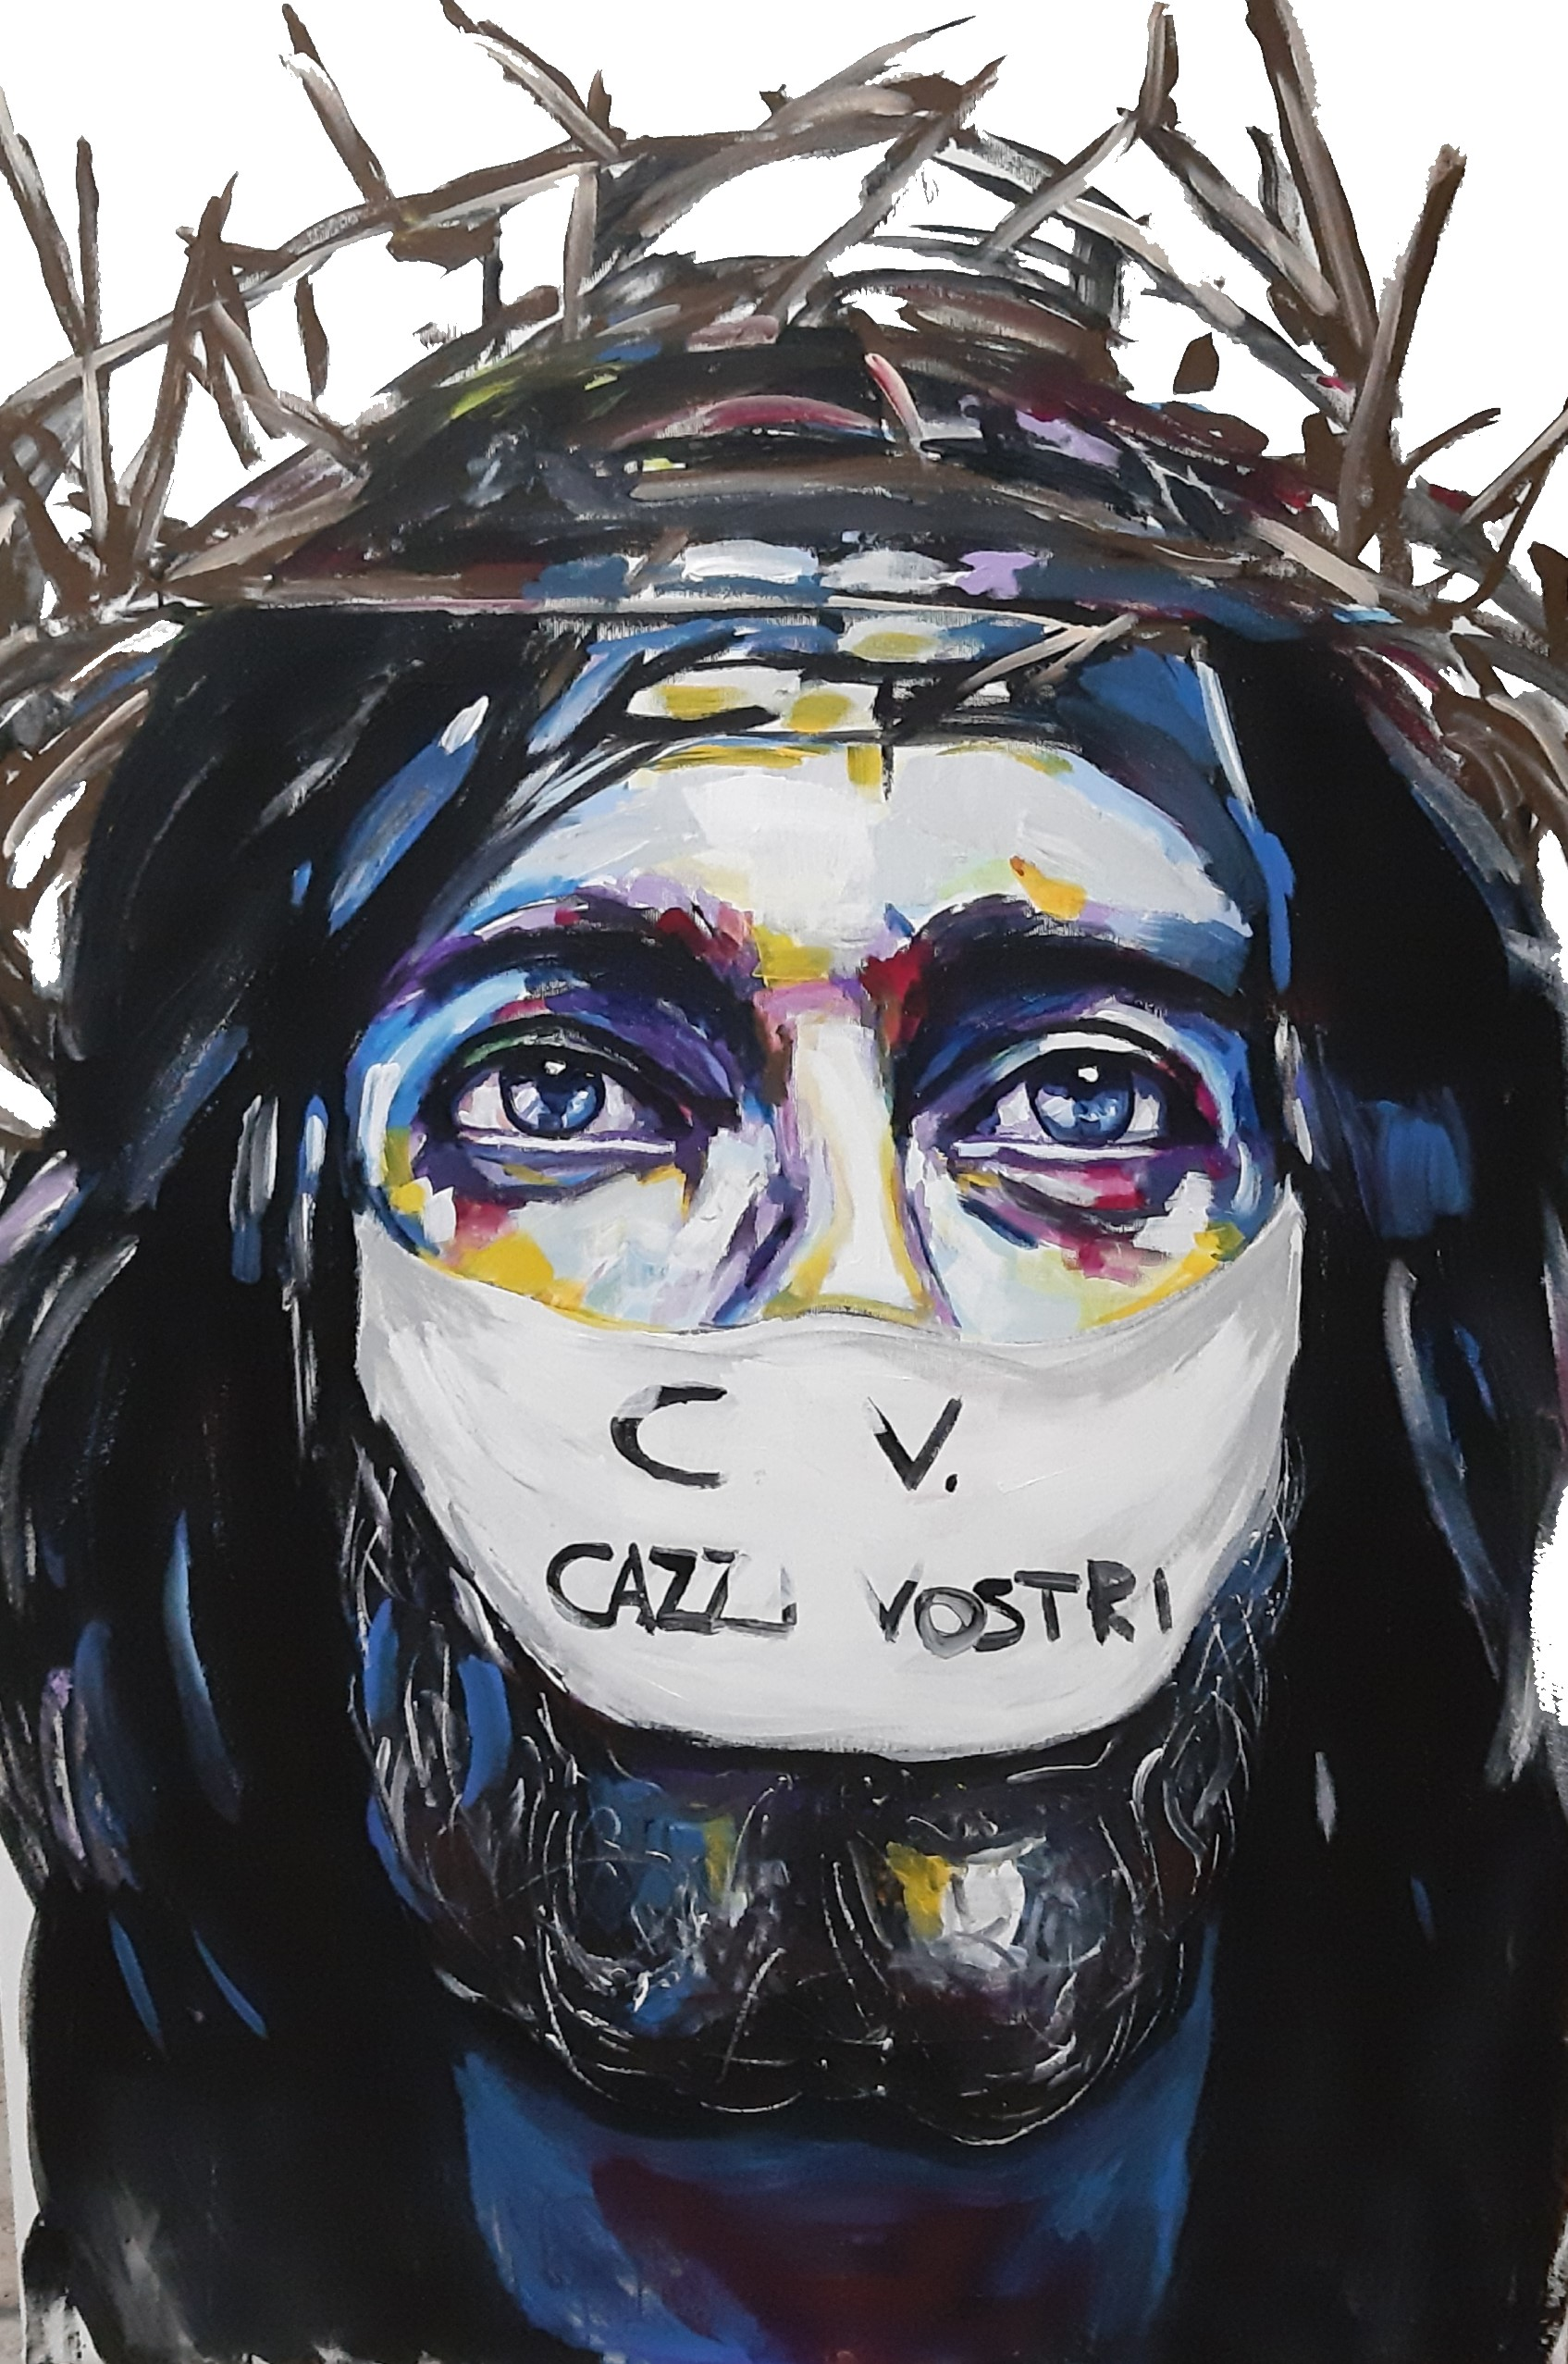 CAZZI VOSTRI - Covid19